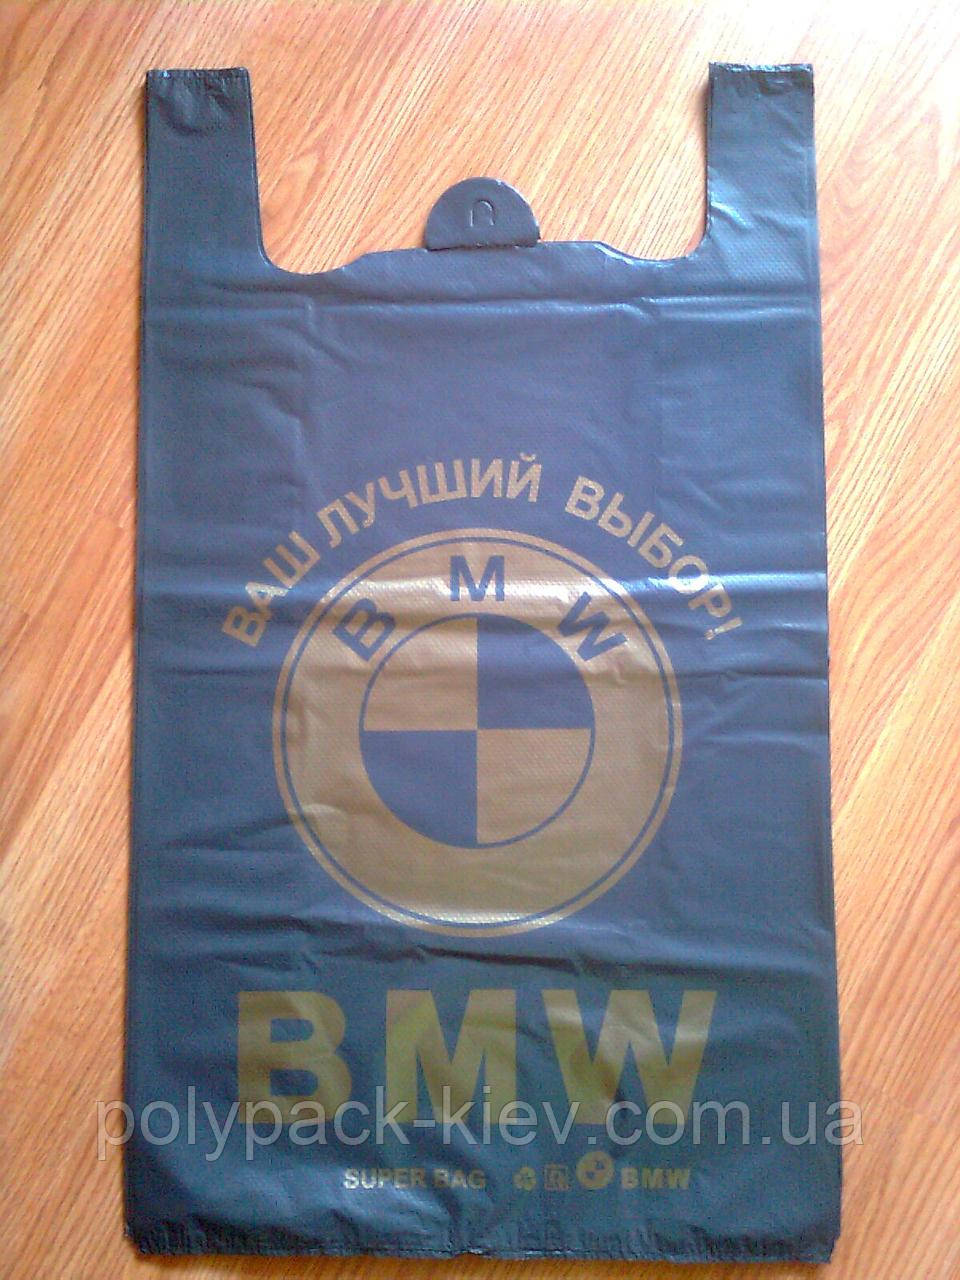 Суперпрочные пакеты-майка 44*75 см./45 микрон, пакет BMW от производителя полиэтиленовые прочные со склада опт